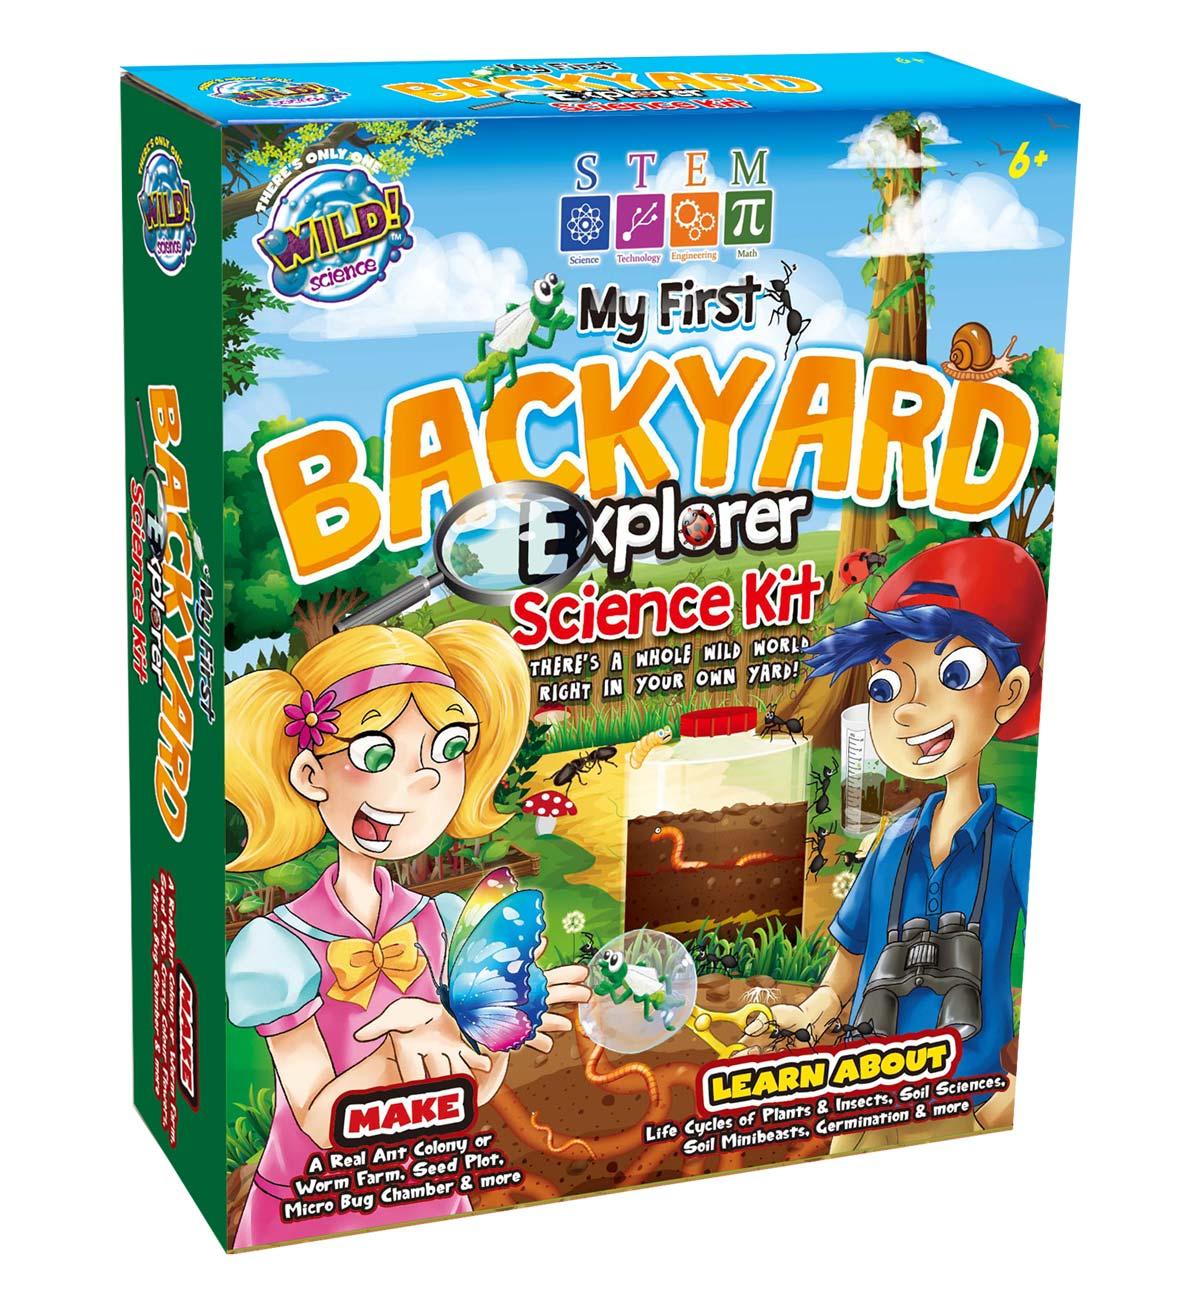 Backyard Explorer